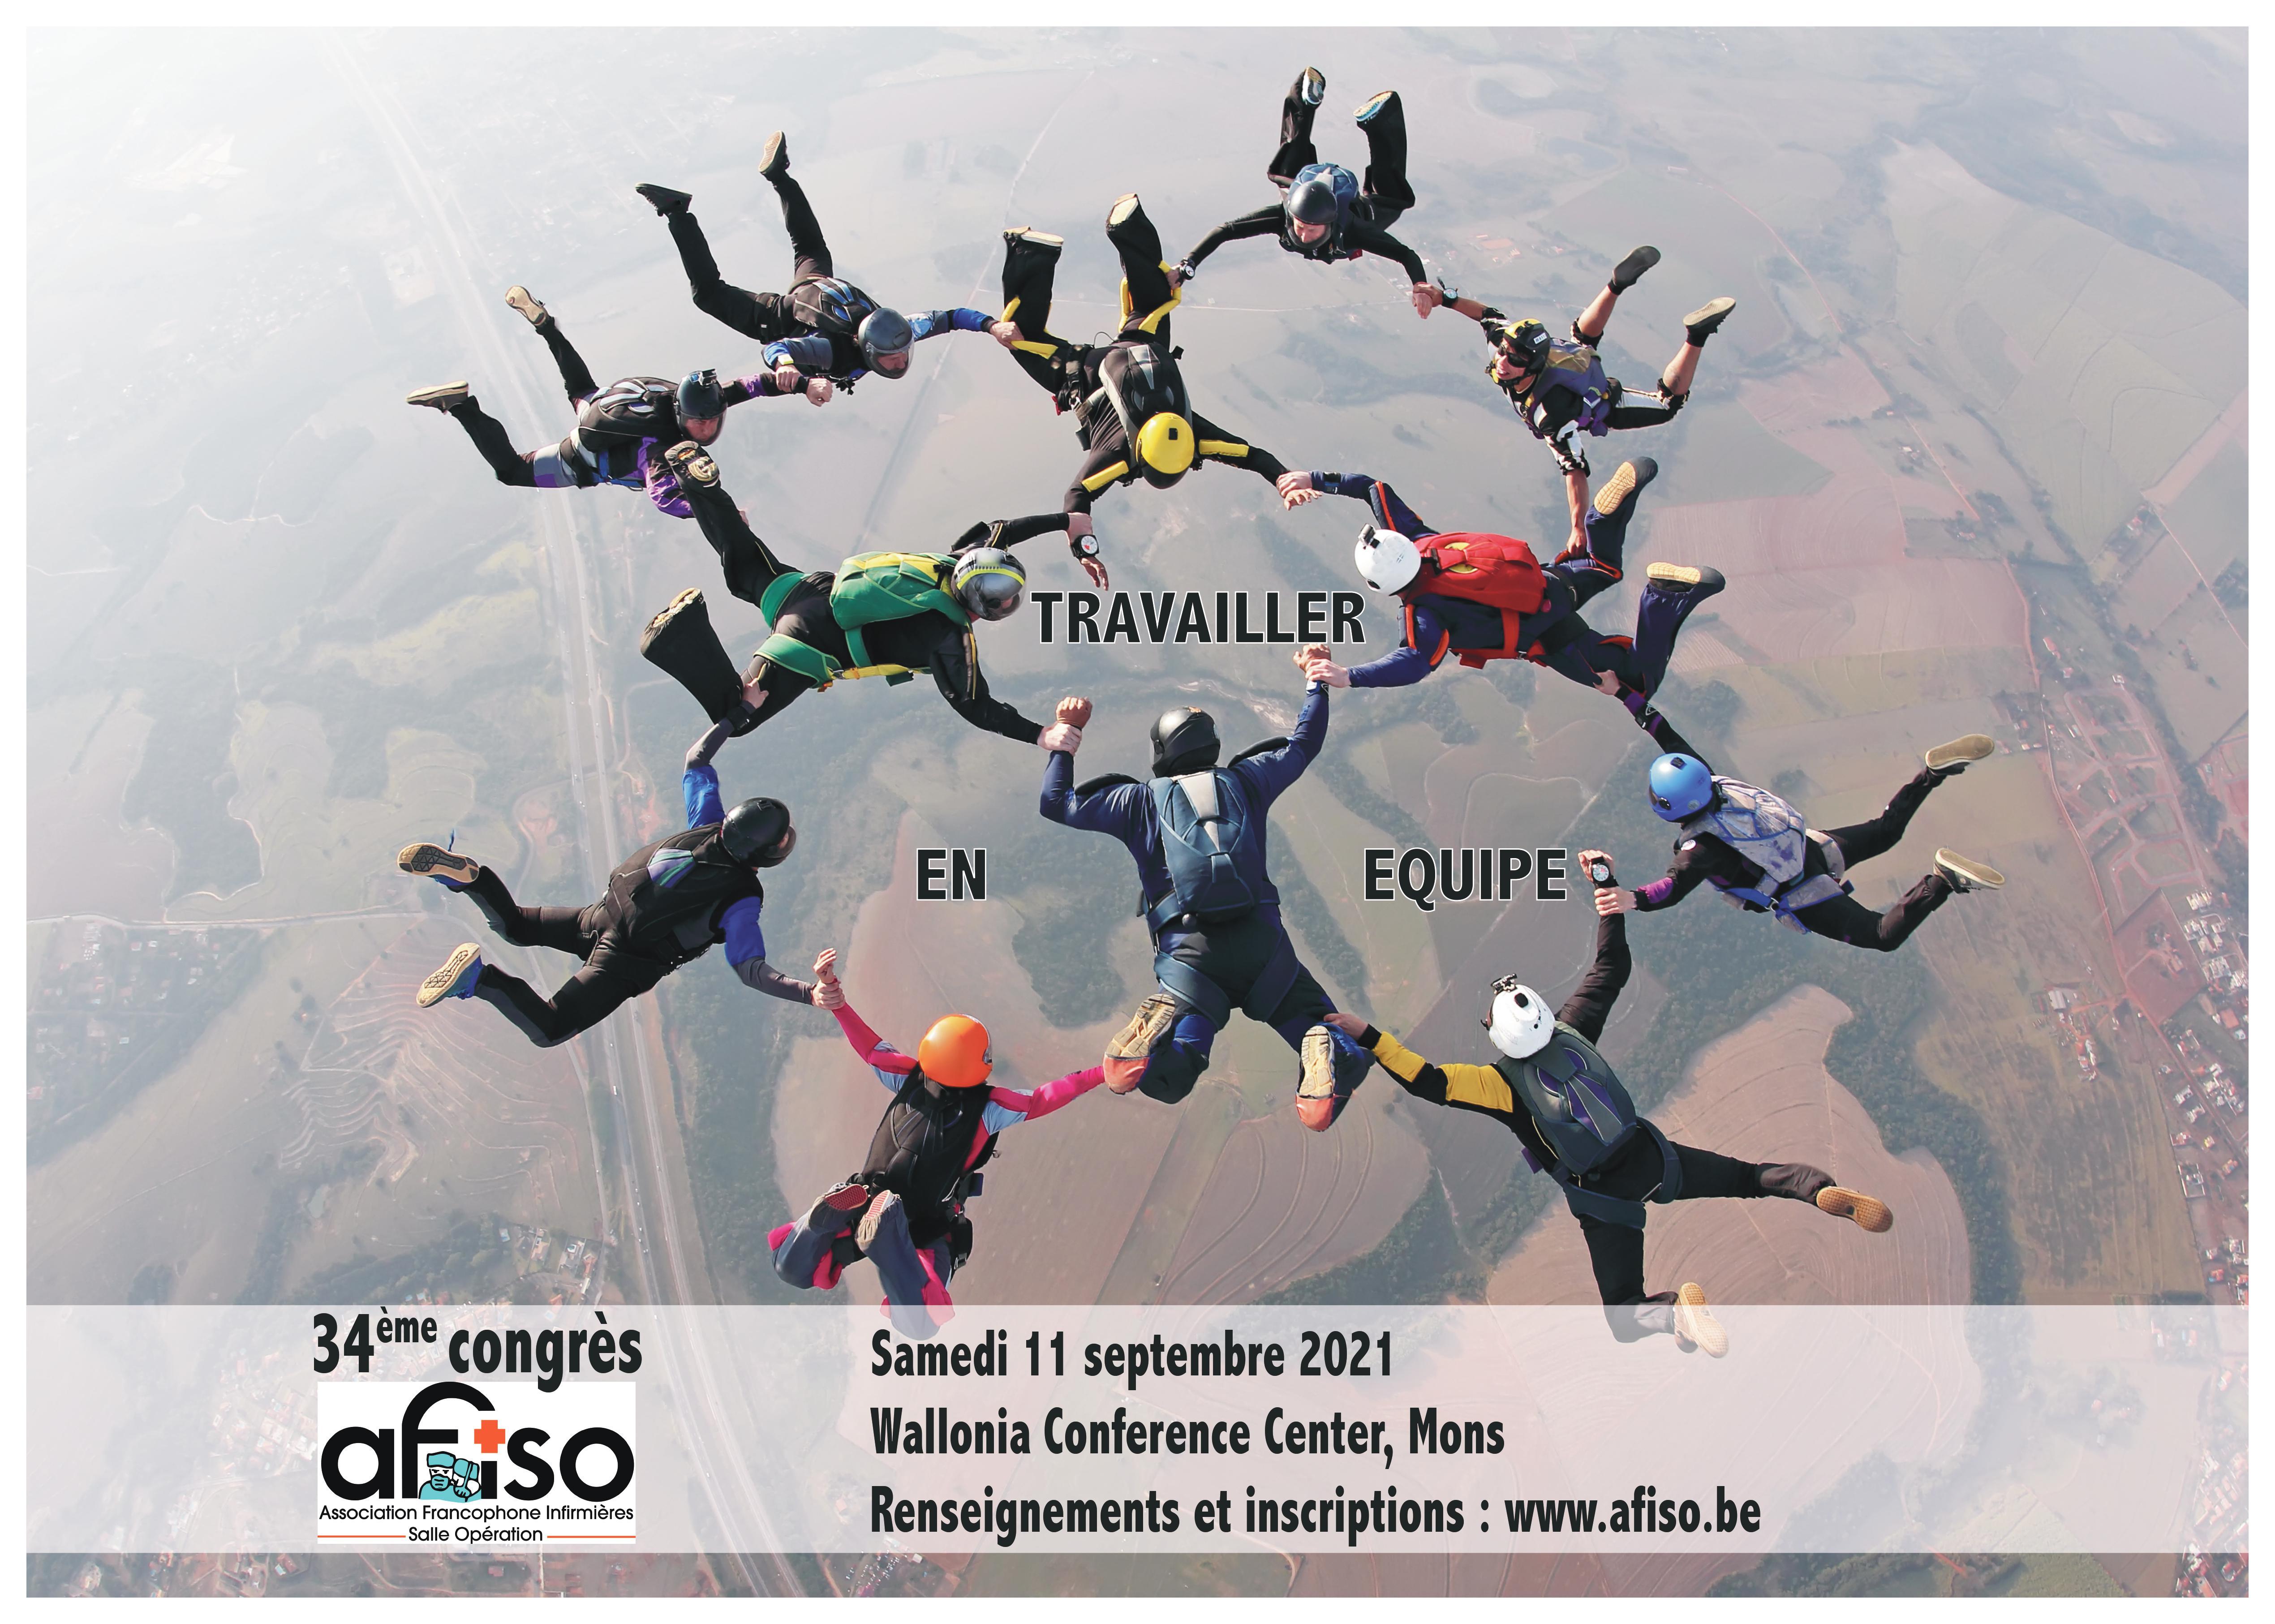 11 septembre 2021 : 34ème Congrès annuel de l'AFISO